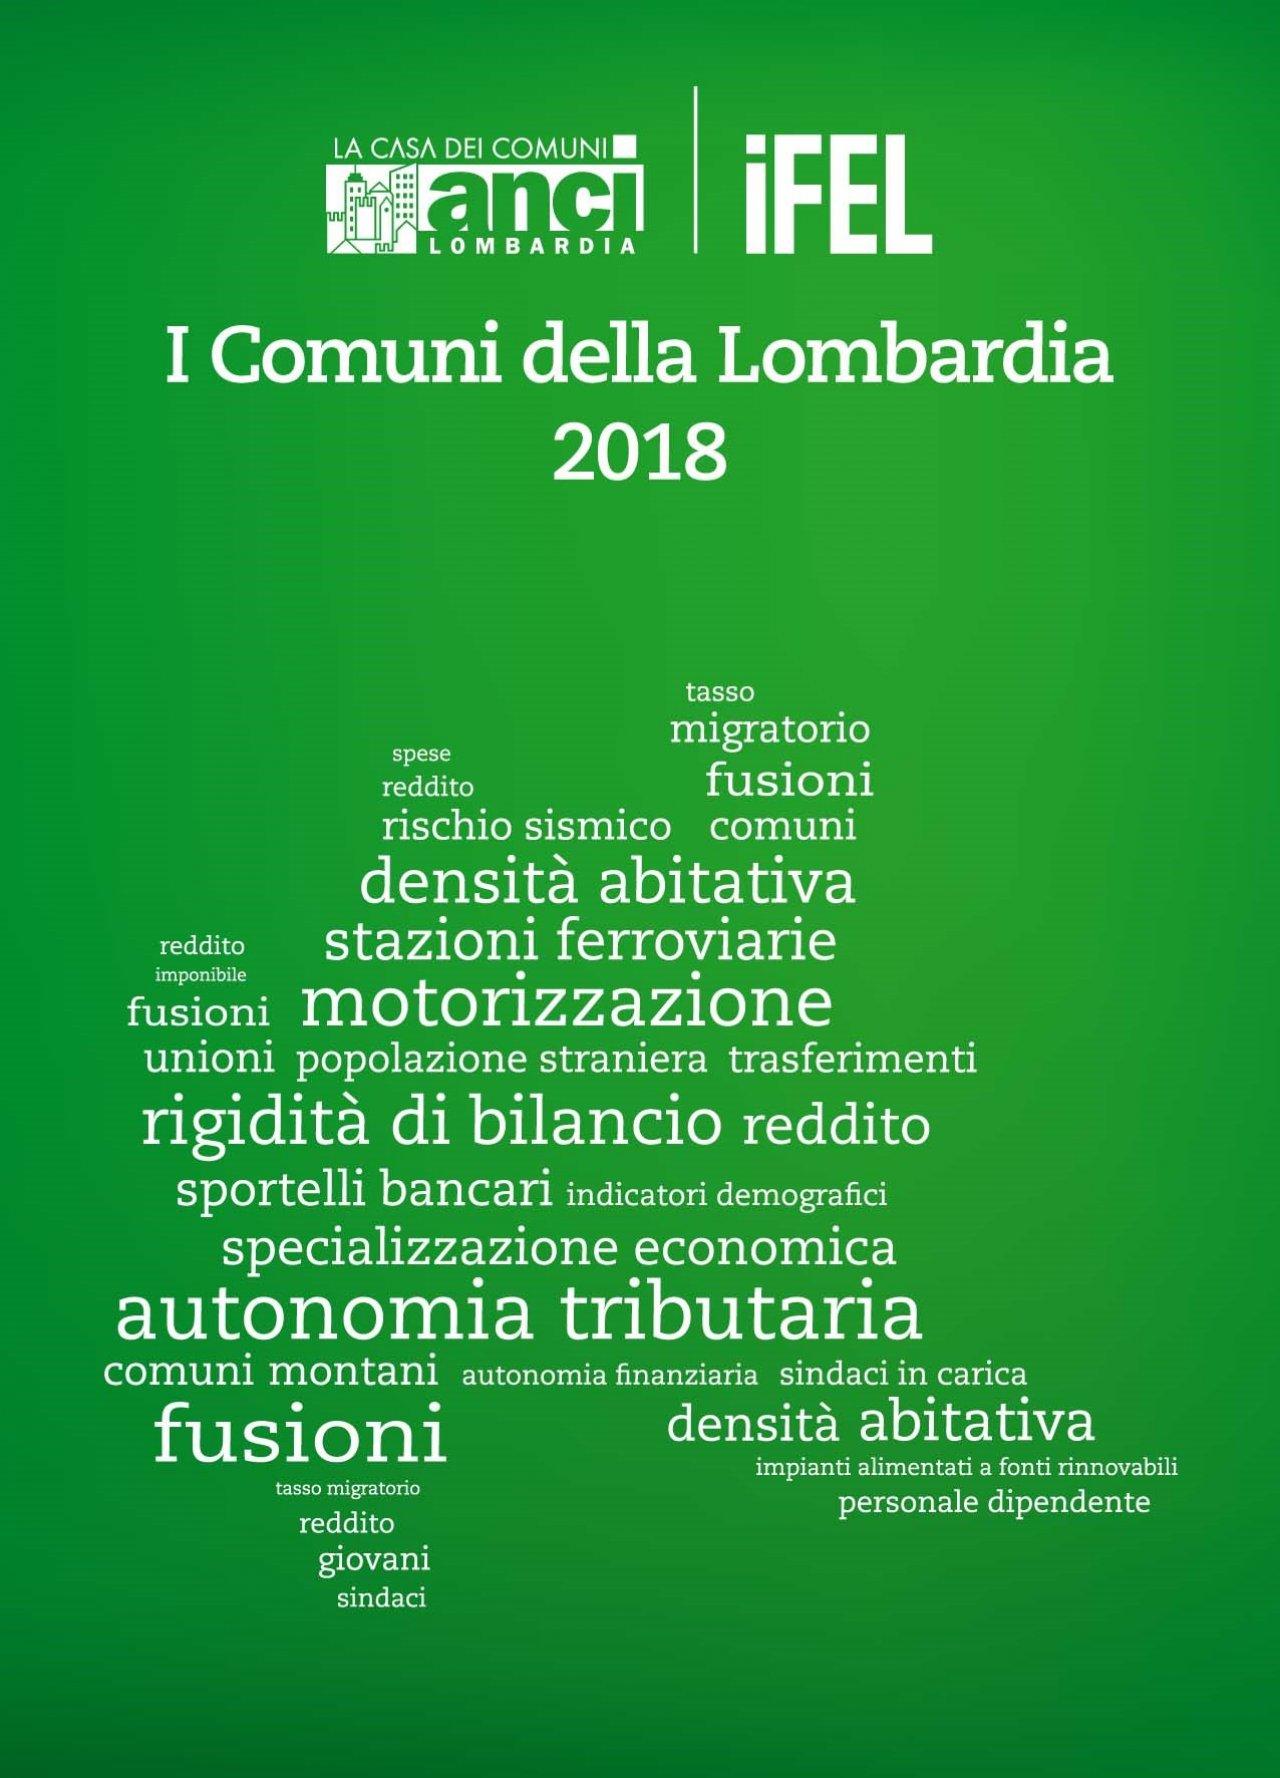 I Comuni della Lombardia 2018